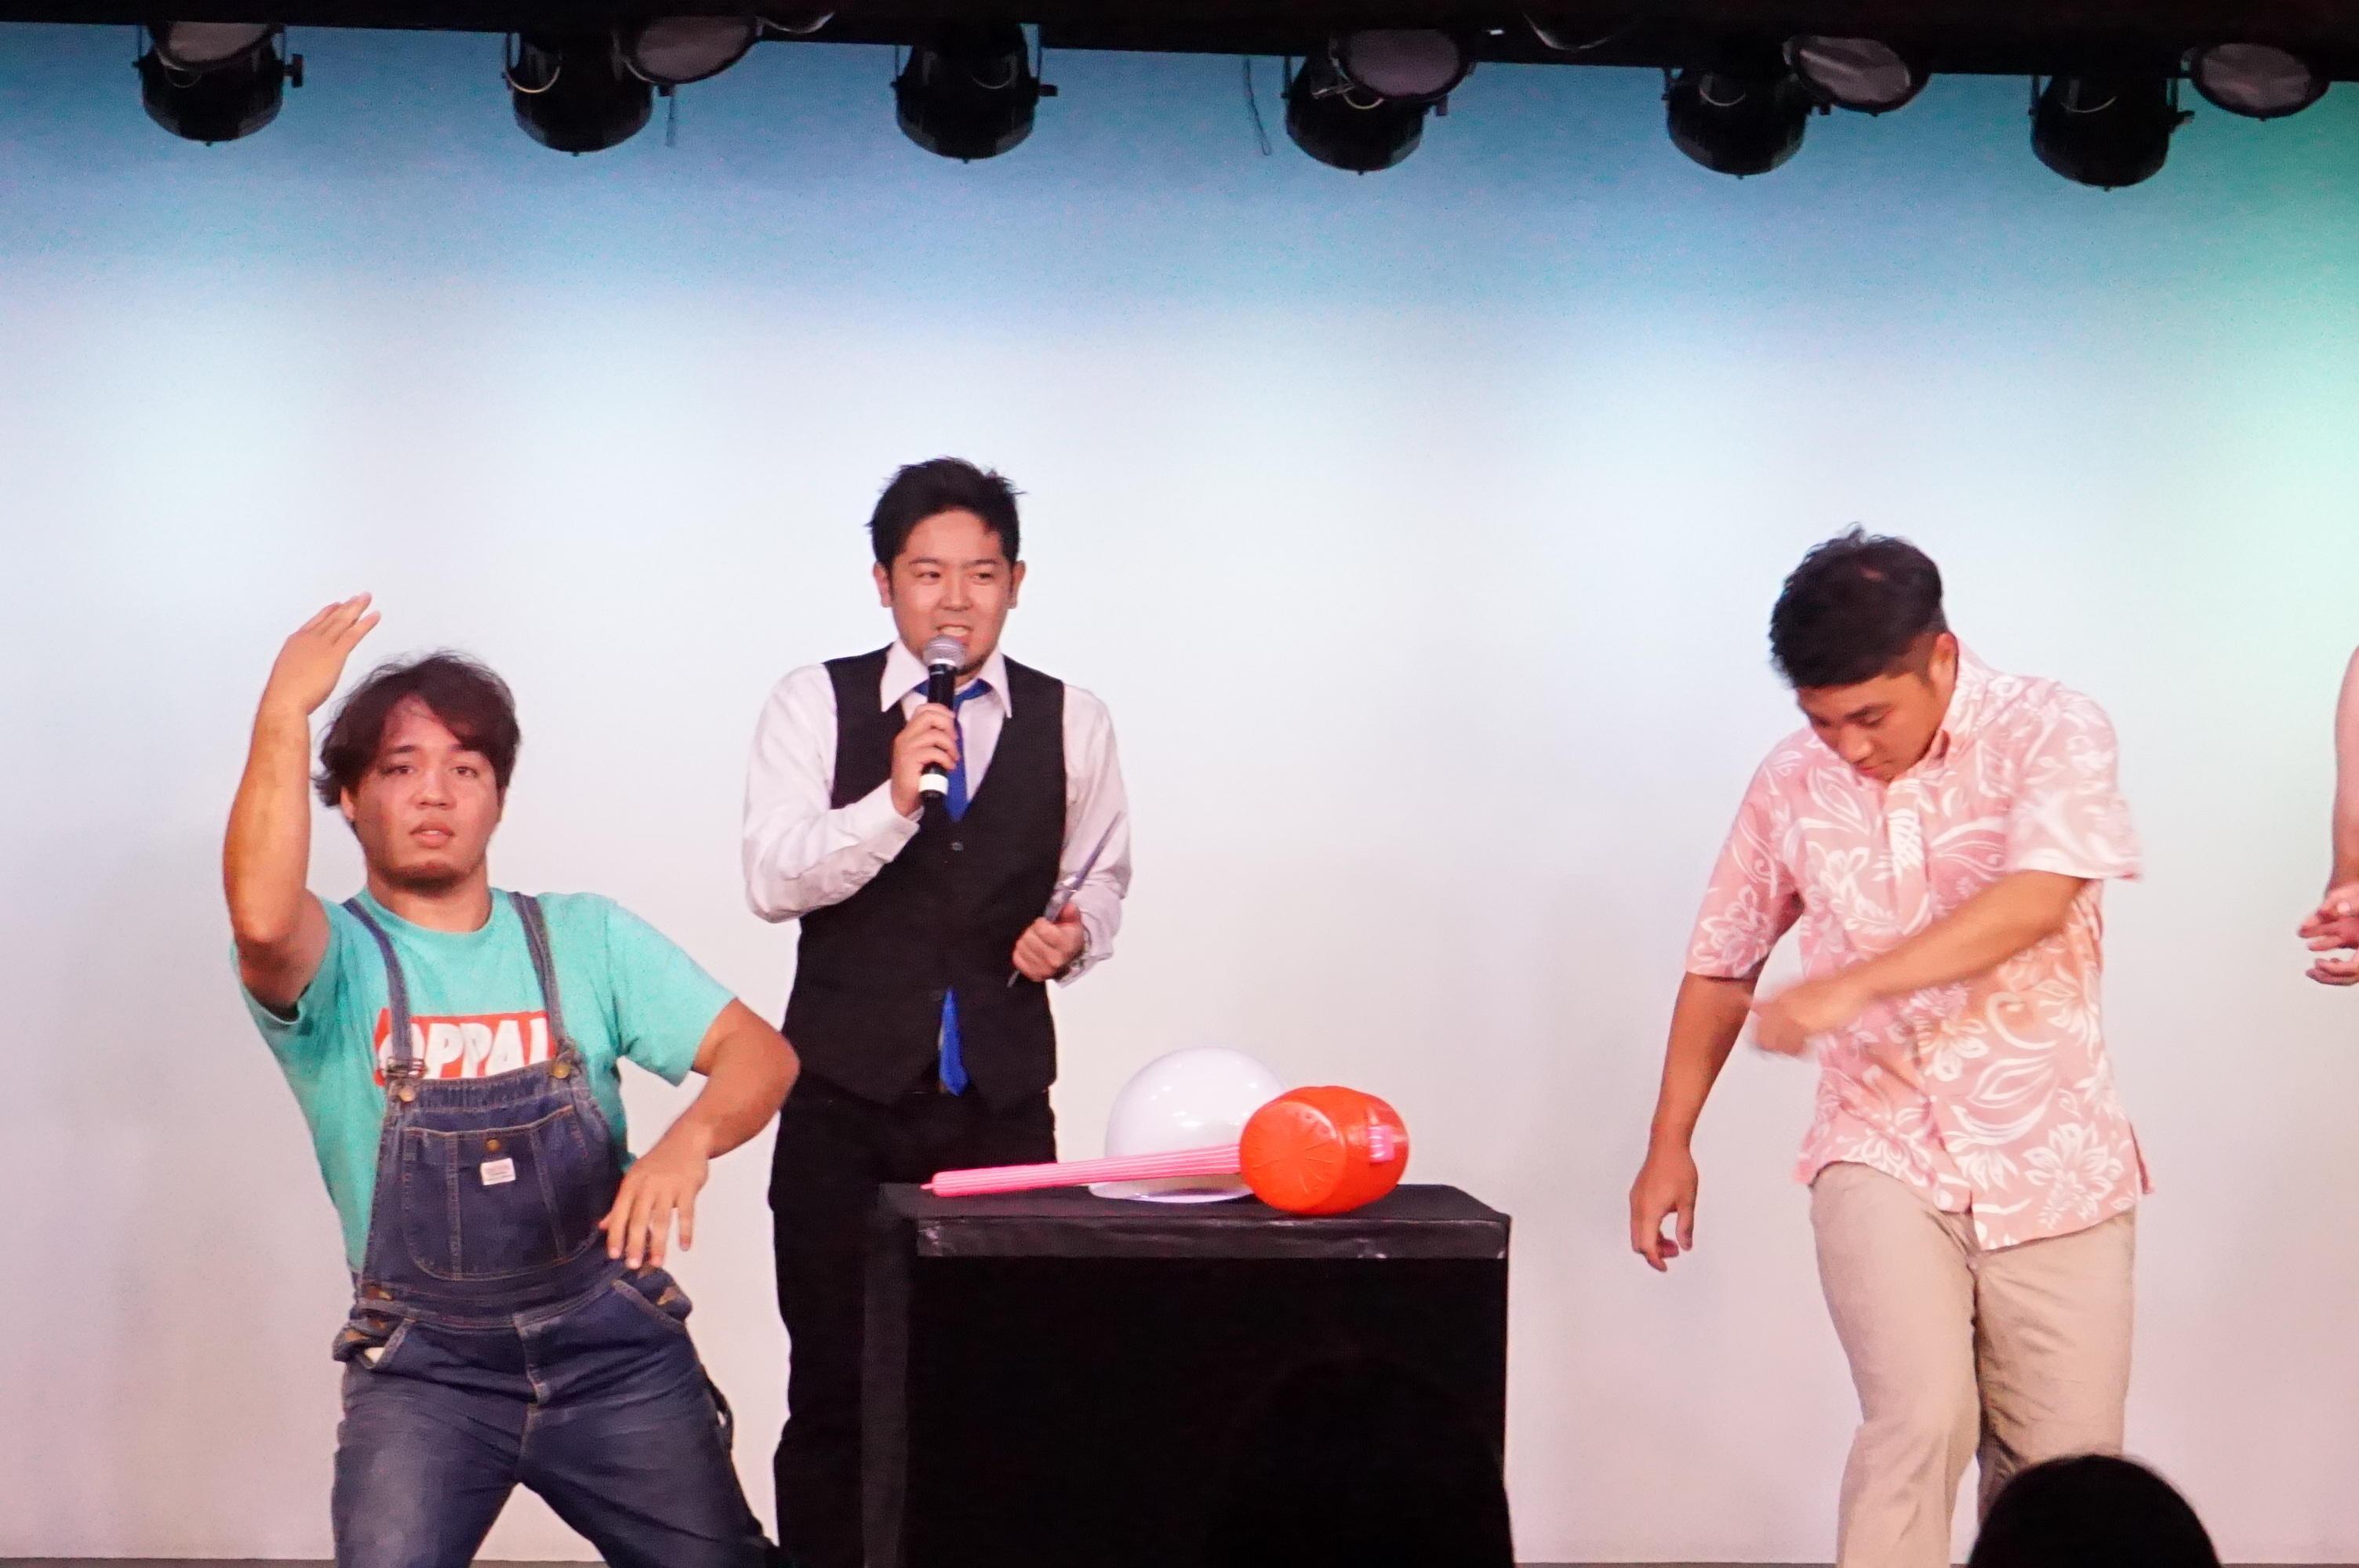 http://news.yoshimoto.co.jp/20180724165429-b427bf1e56d1bda7c44dca56ab53352e6953d257.jpg